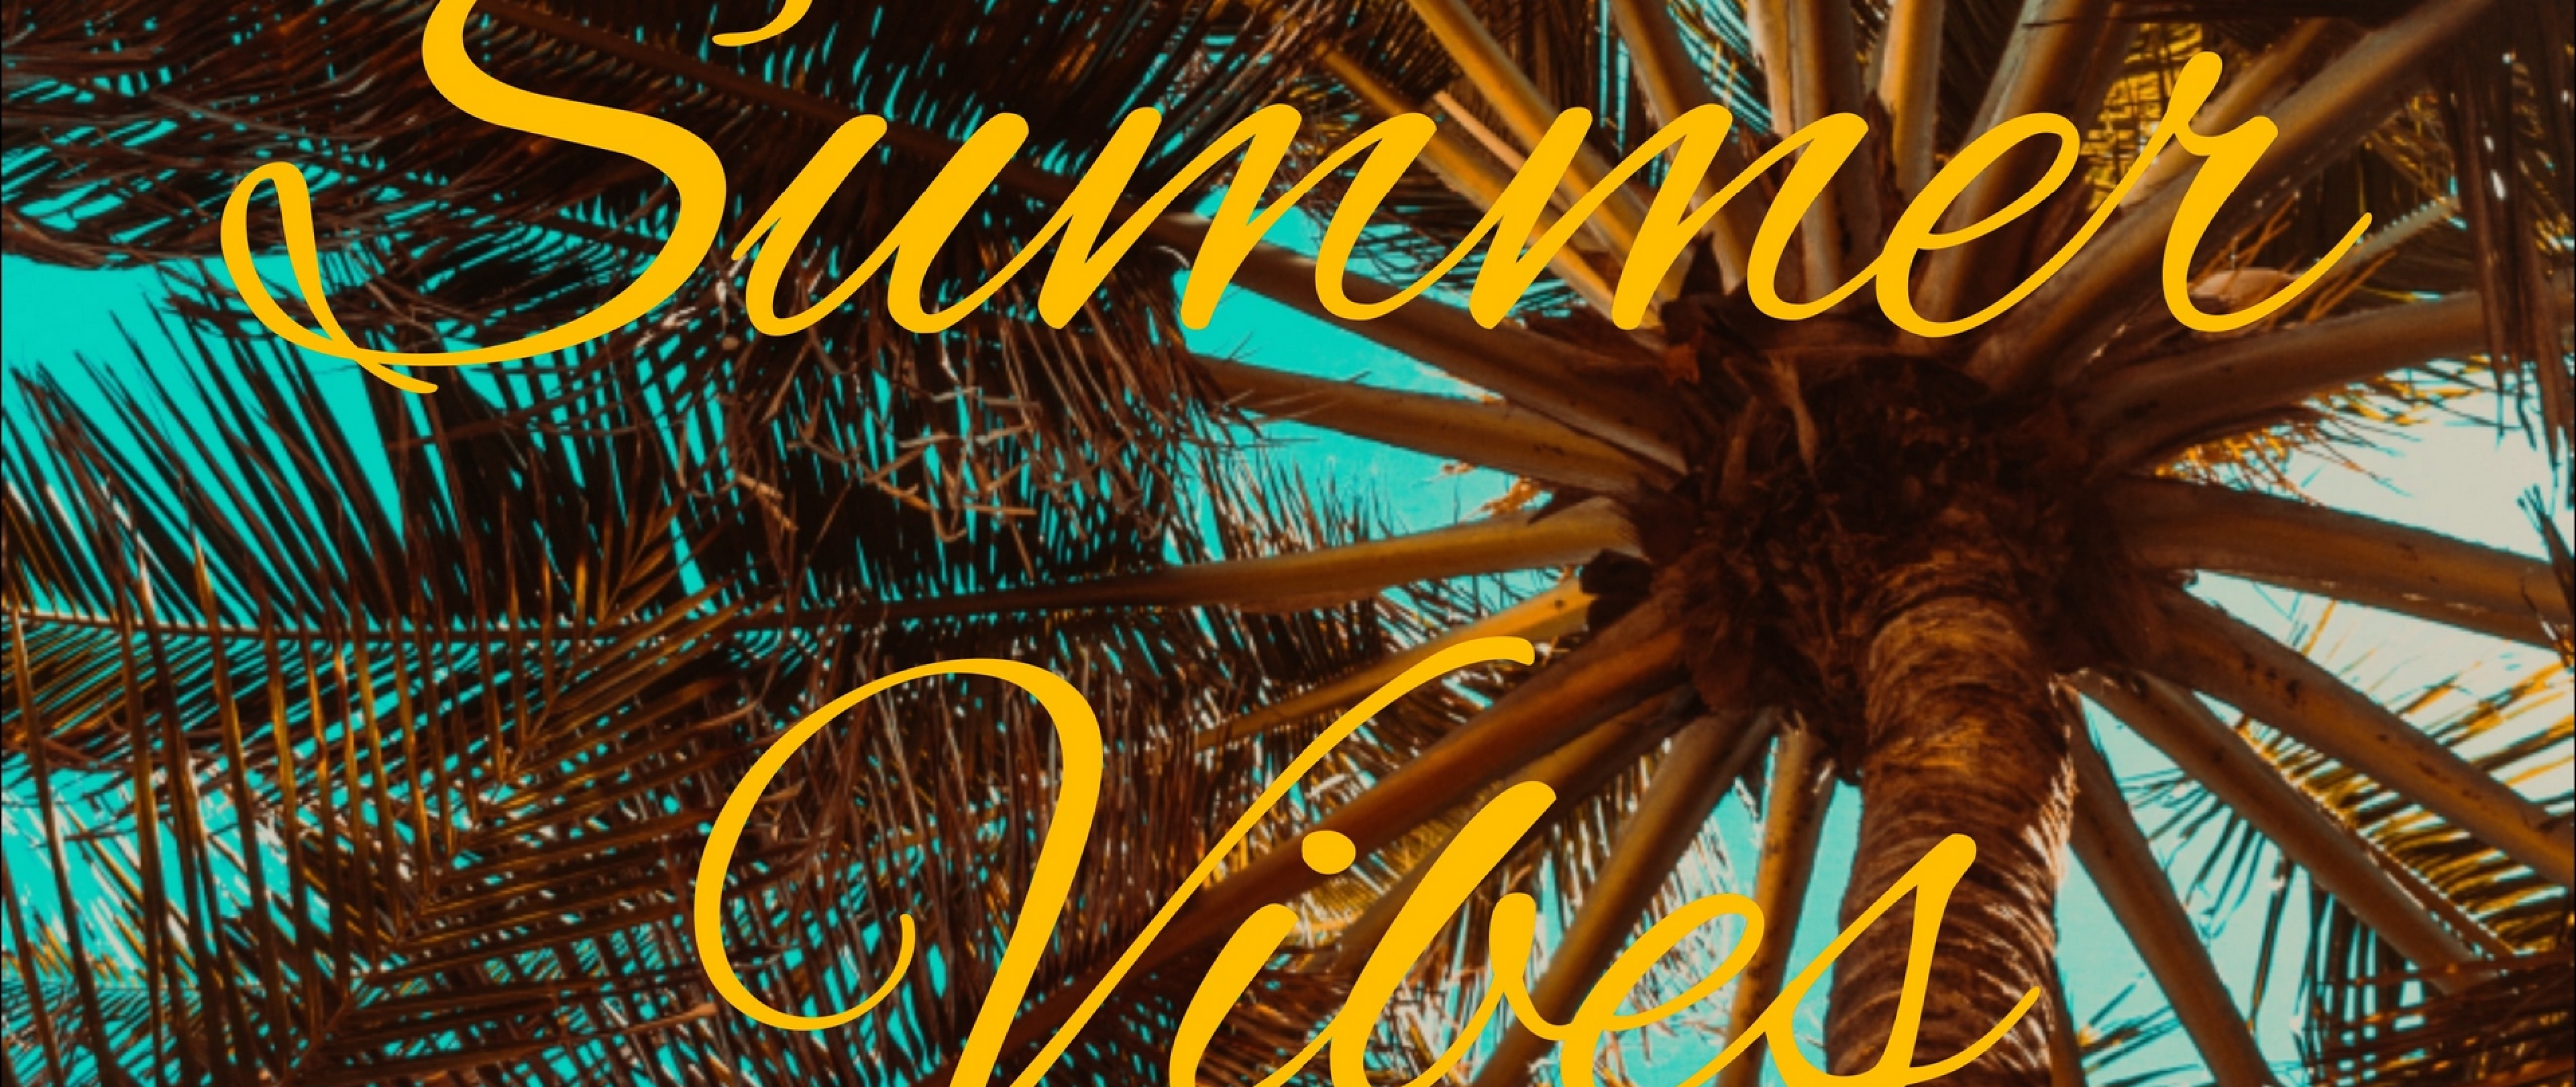 Summer Vibes Hd Wallpaper 4k Ultra Hd Wide Tv Hd Wallpaper Wallpapers Net